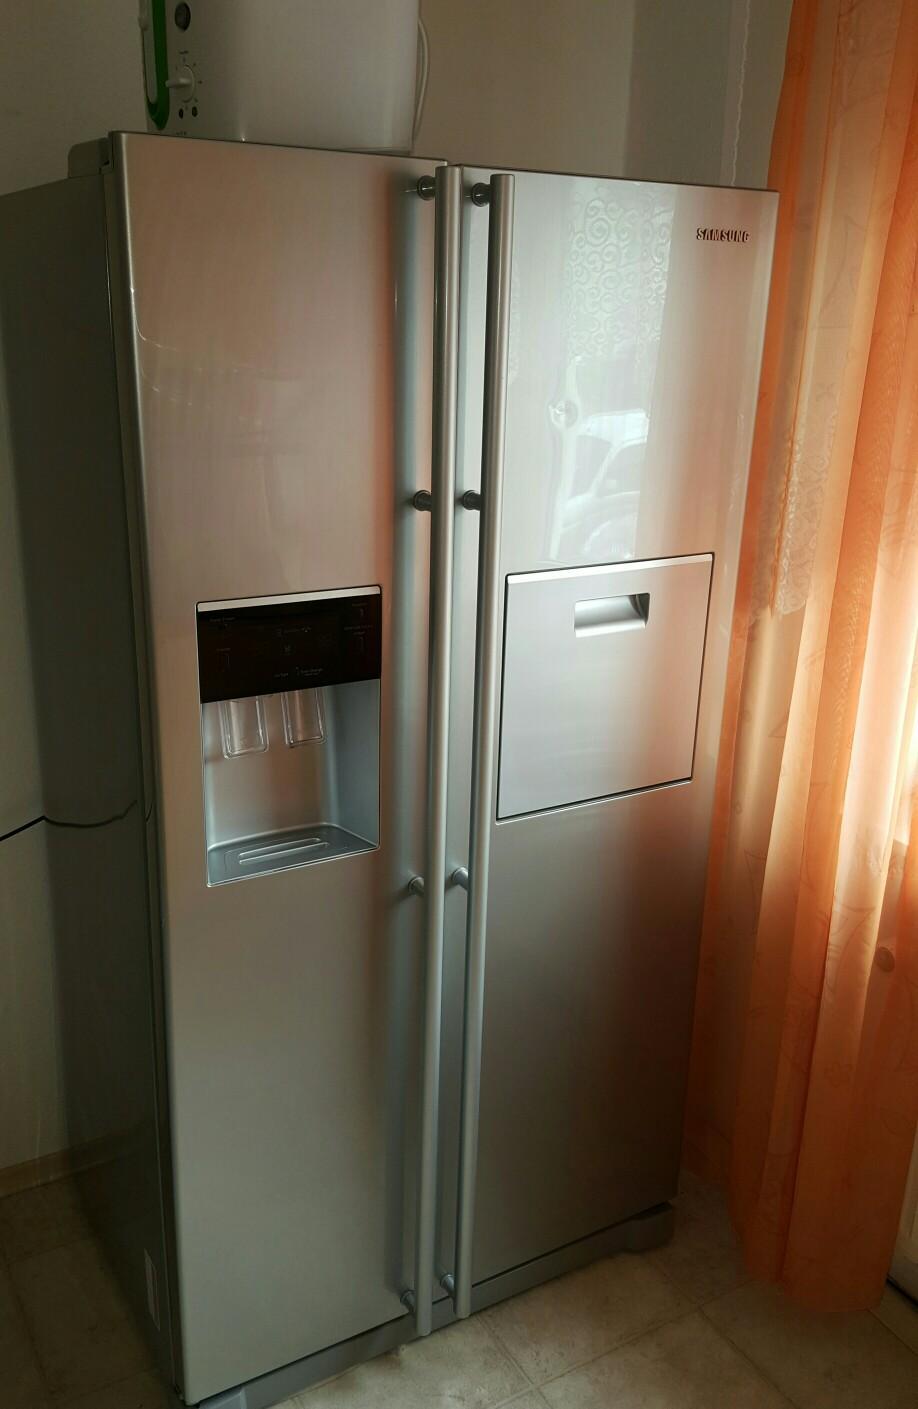 Kühlschrank Side By Side Gebraucht : Gebraucht samsung side by side kühlschrank in germersheim um